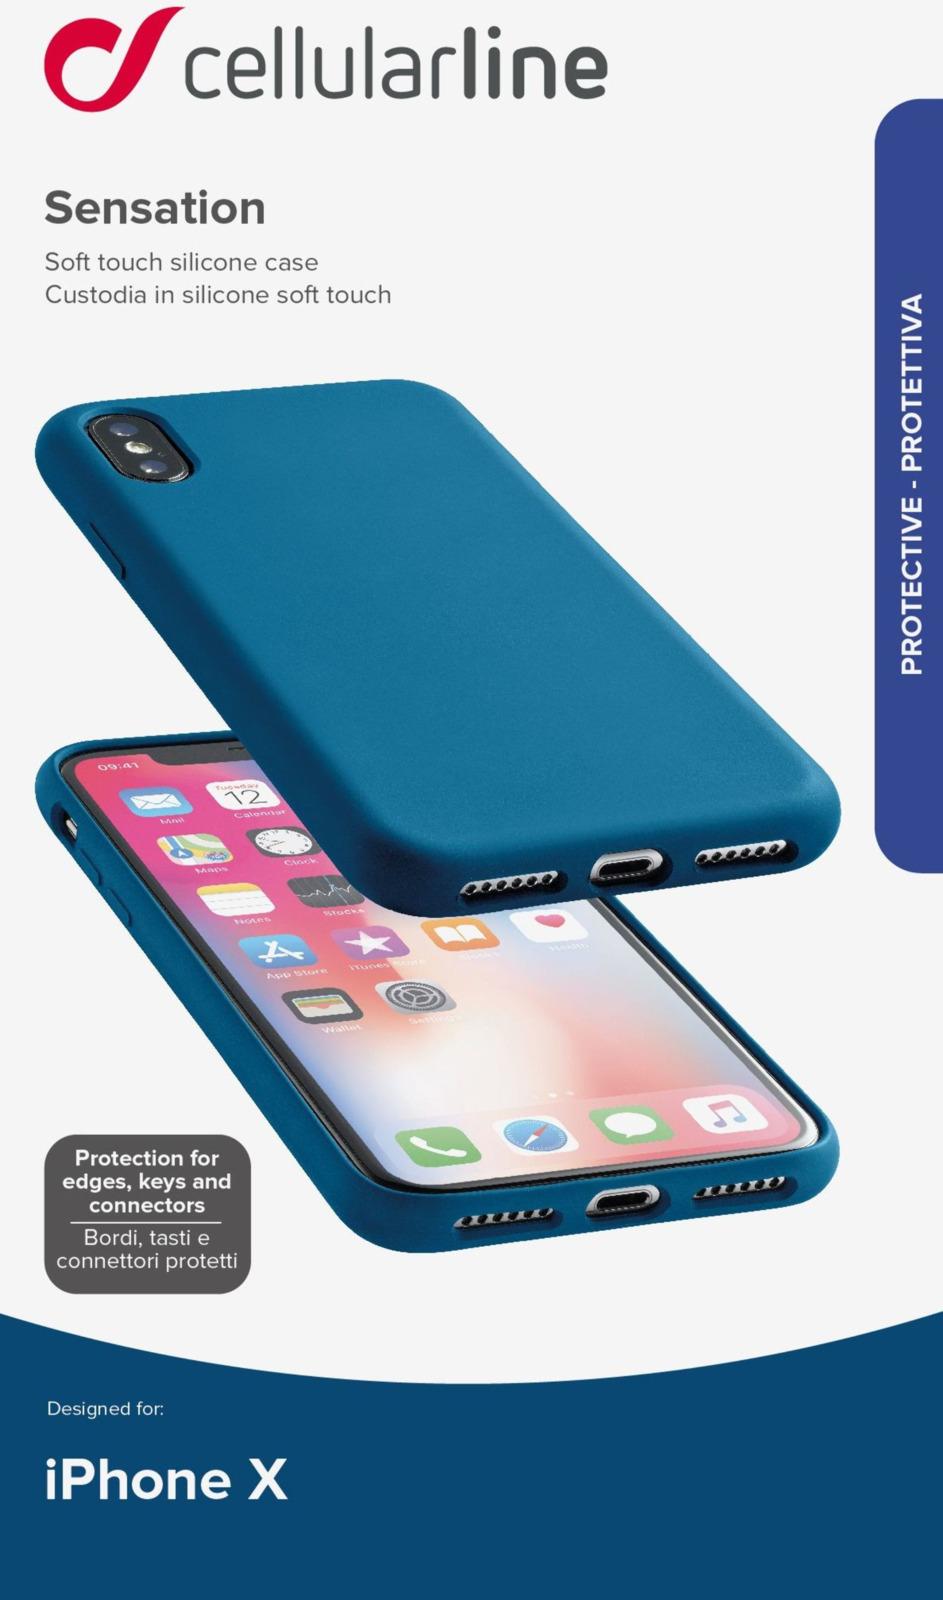 Чехол Cellularline для Apple iPhone X, SENSATIONIPH8XB, синий чехол cellularline для apple iphone x bookagendaiph8k черный